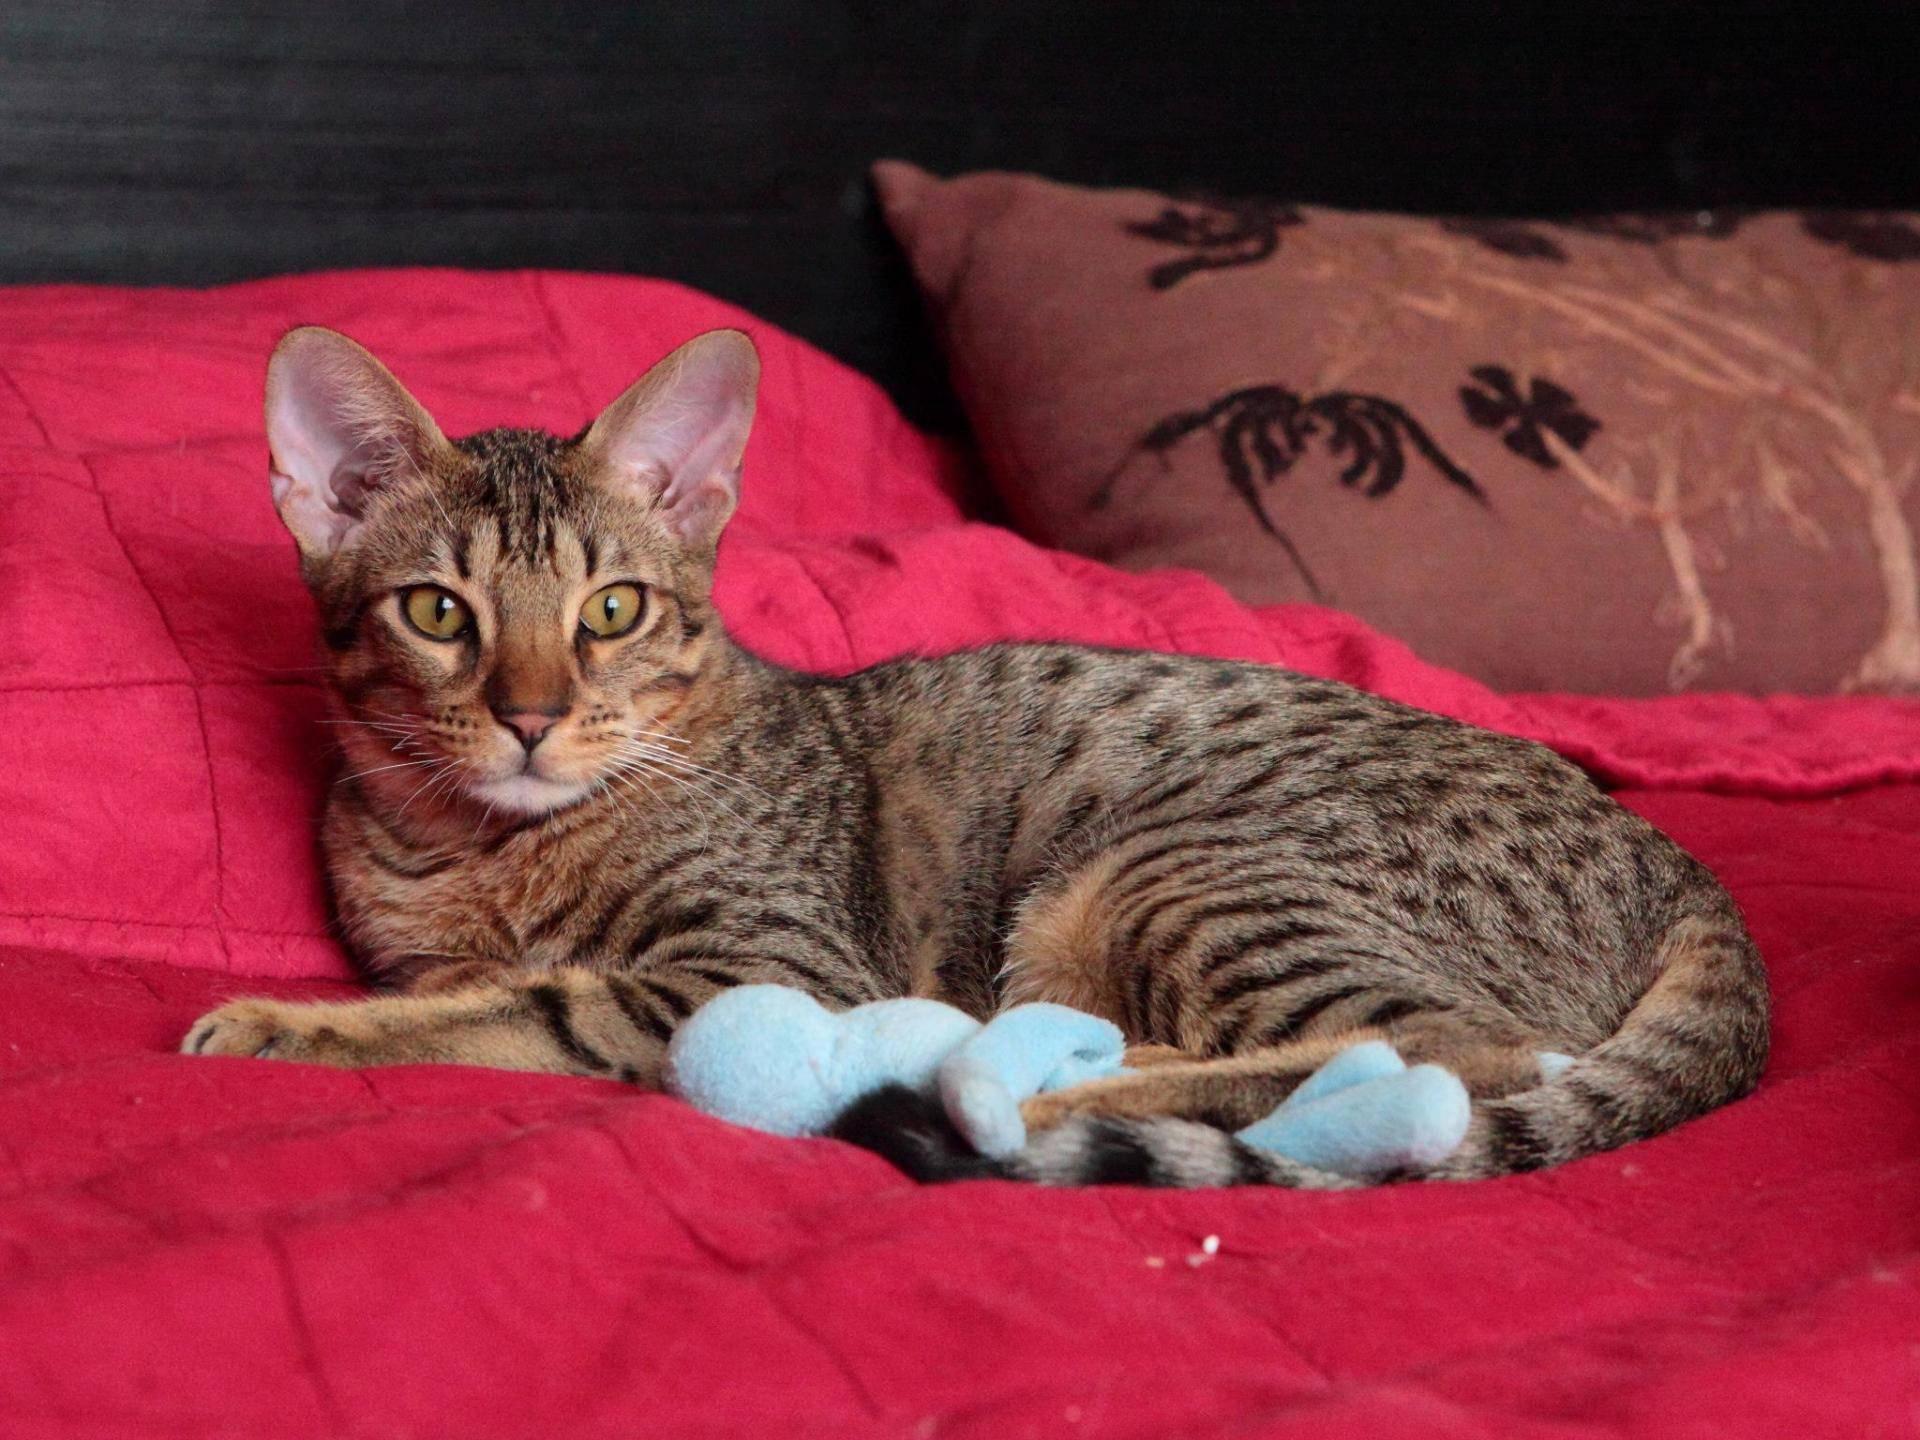 Кошка тойгер: описание внешности и характера, уход за питомцем и его содержание, выбор котёнка, отзывы владельцев, фото кота